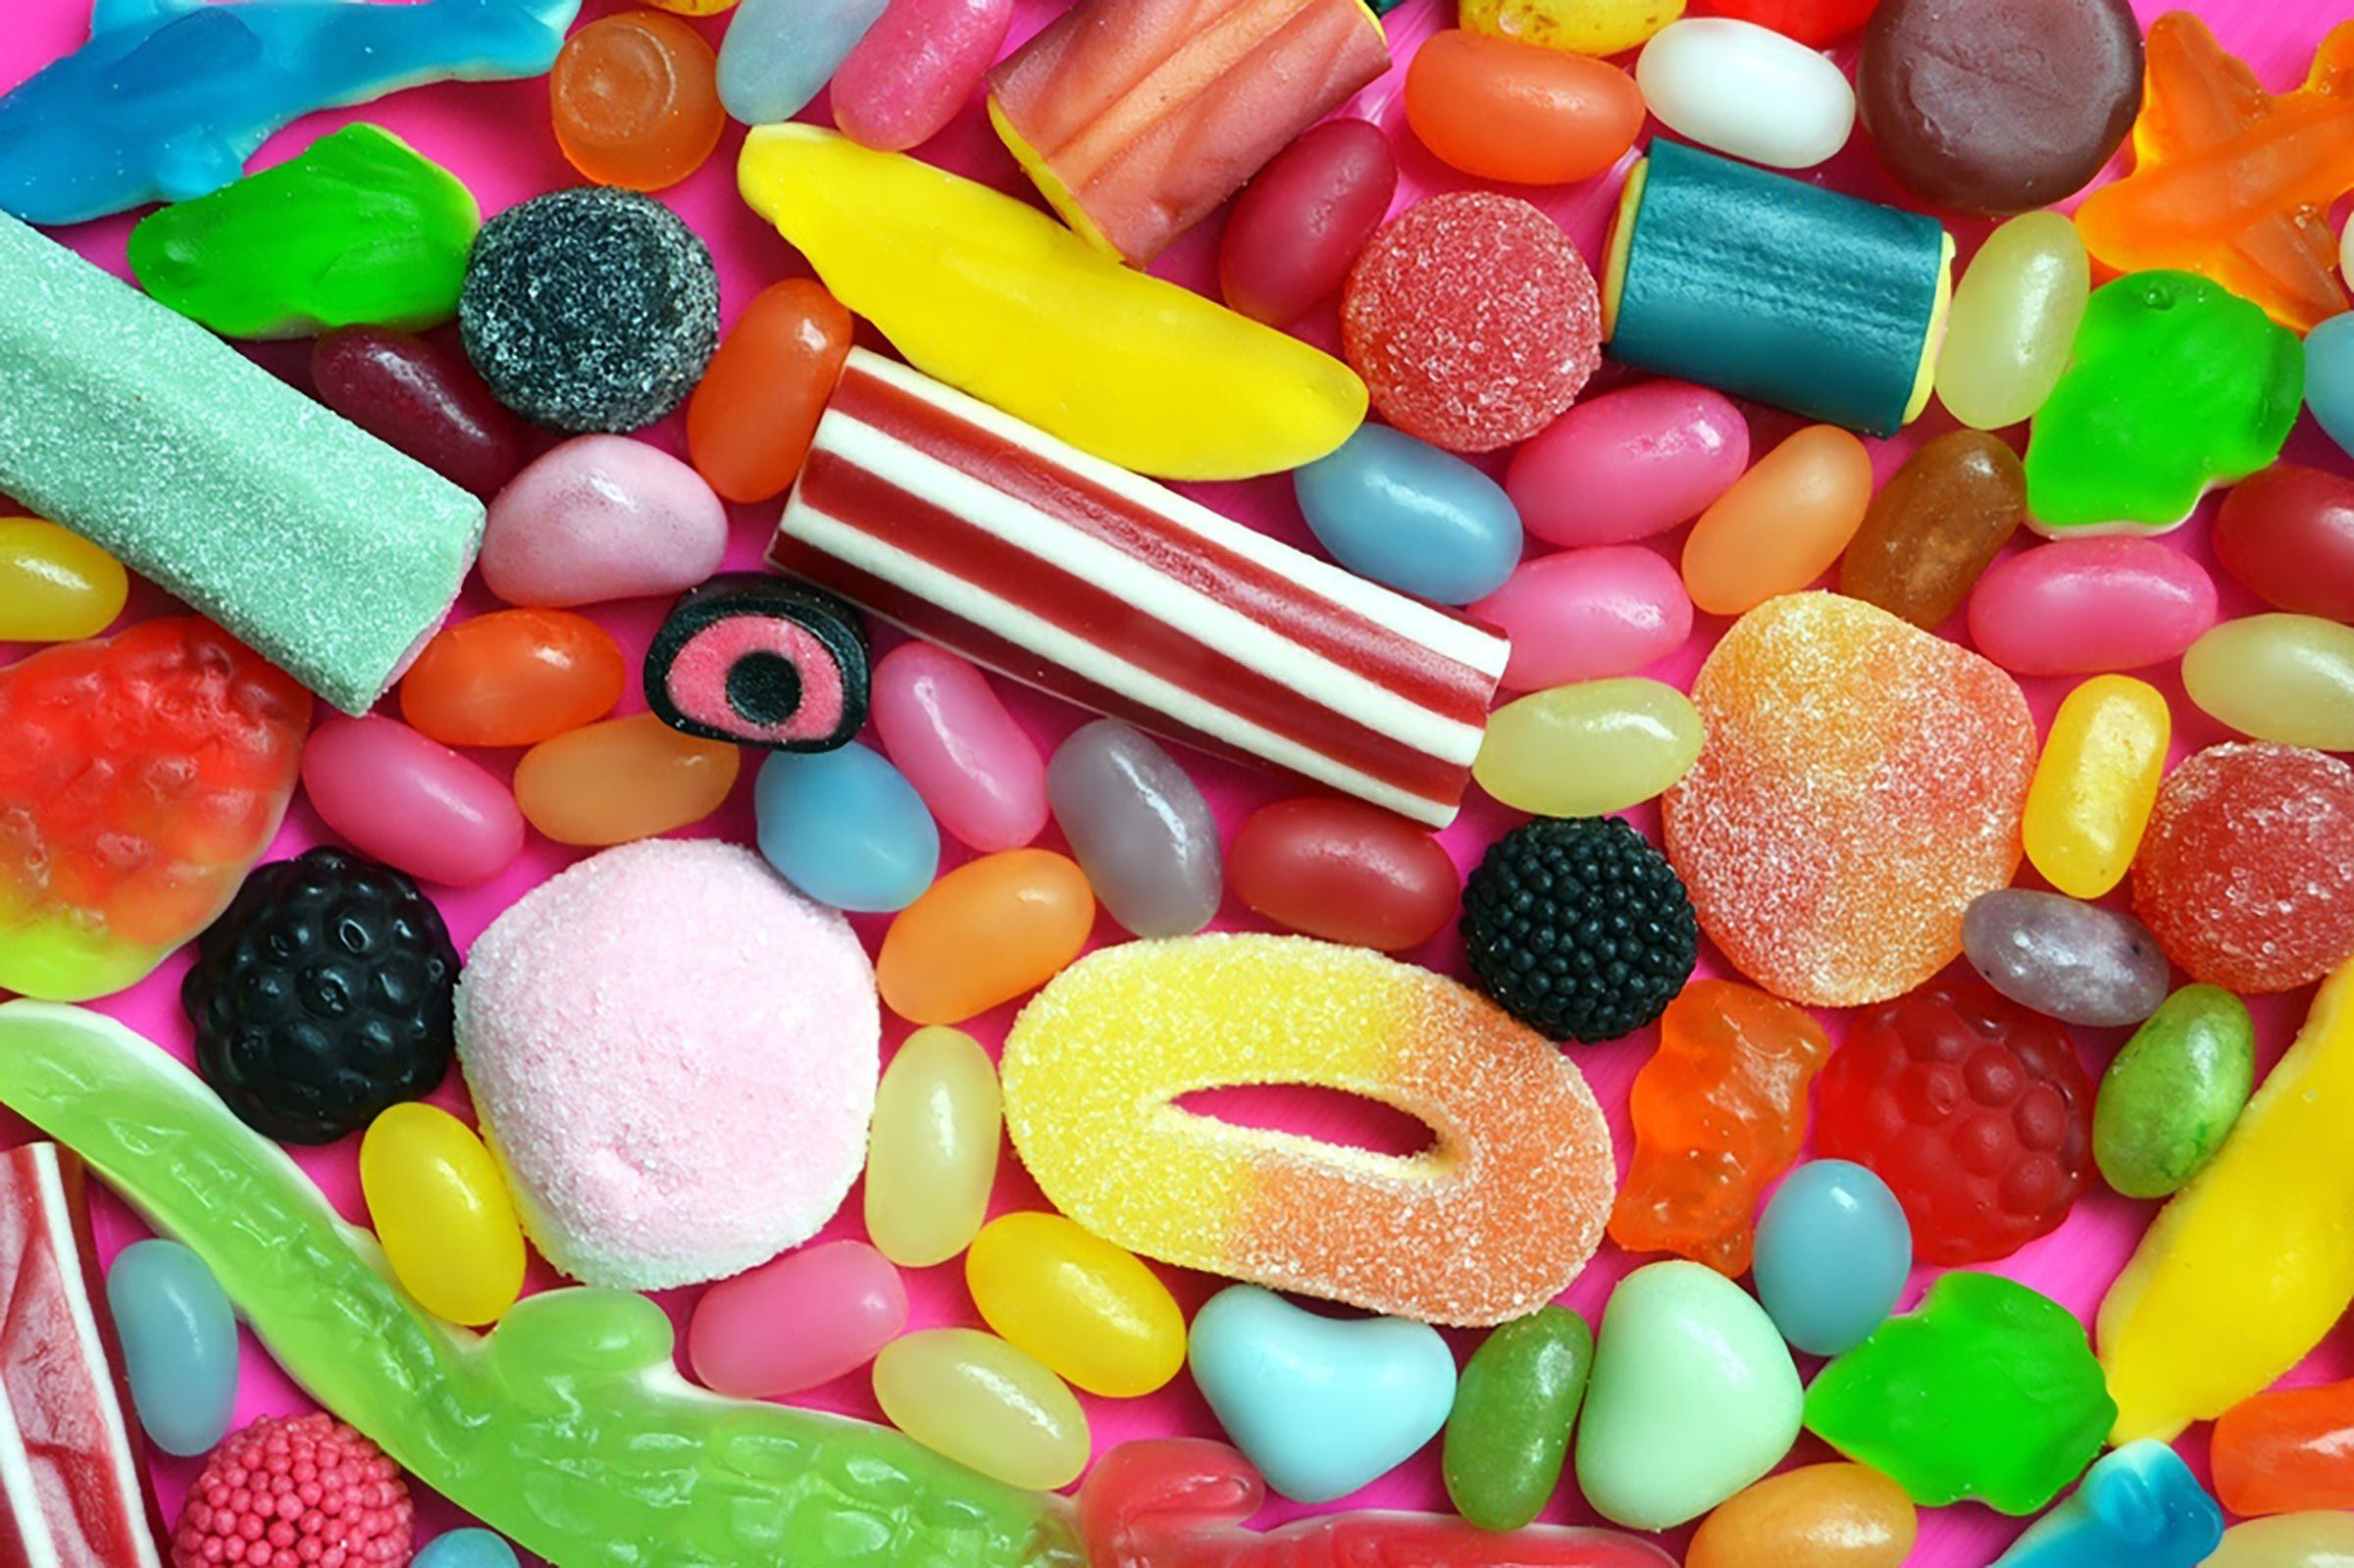 Conseil santé : surveiller votre dent sucrée